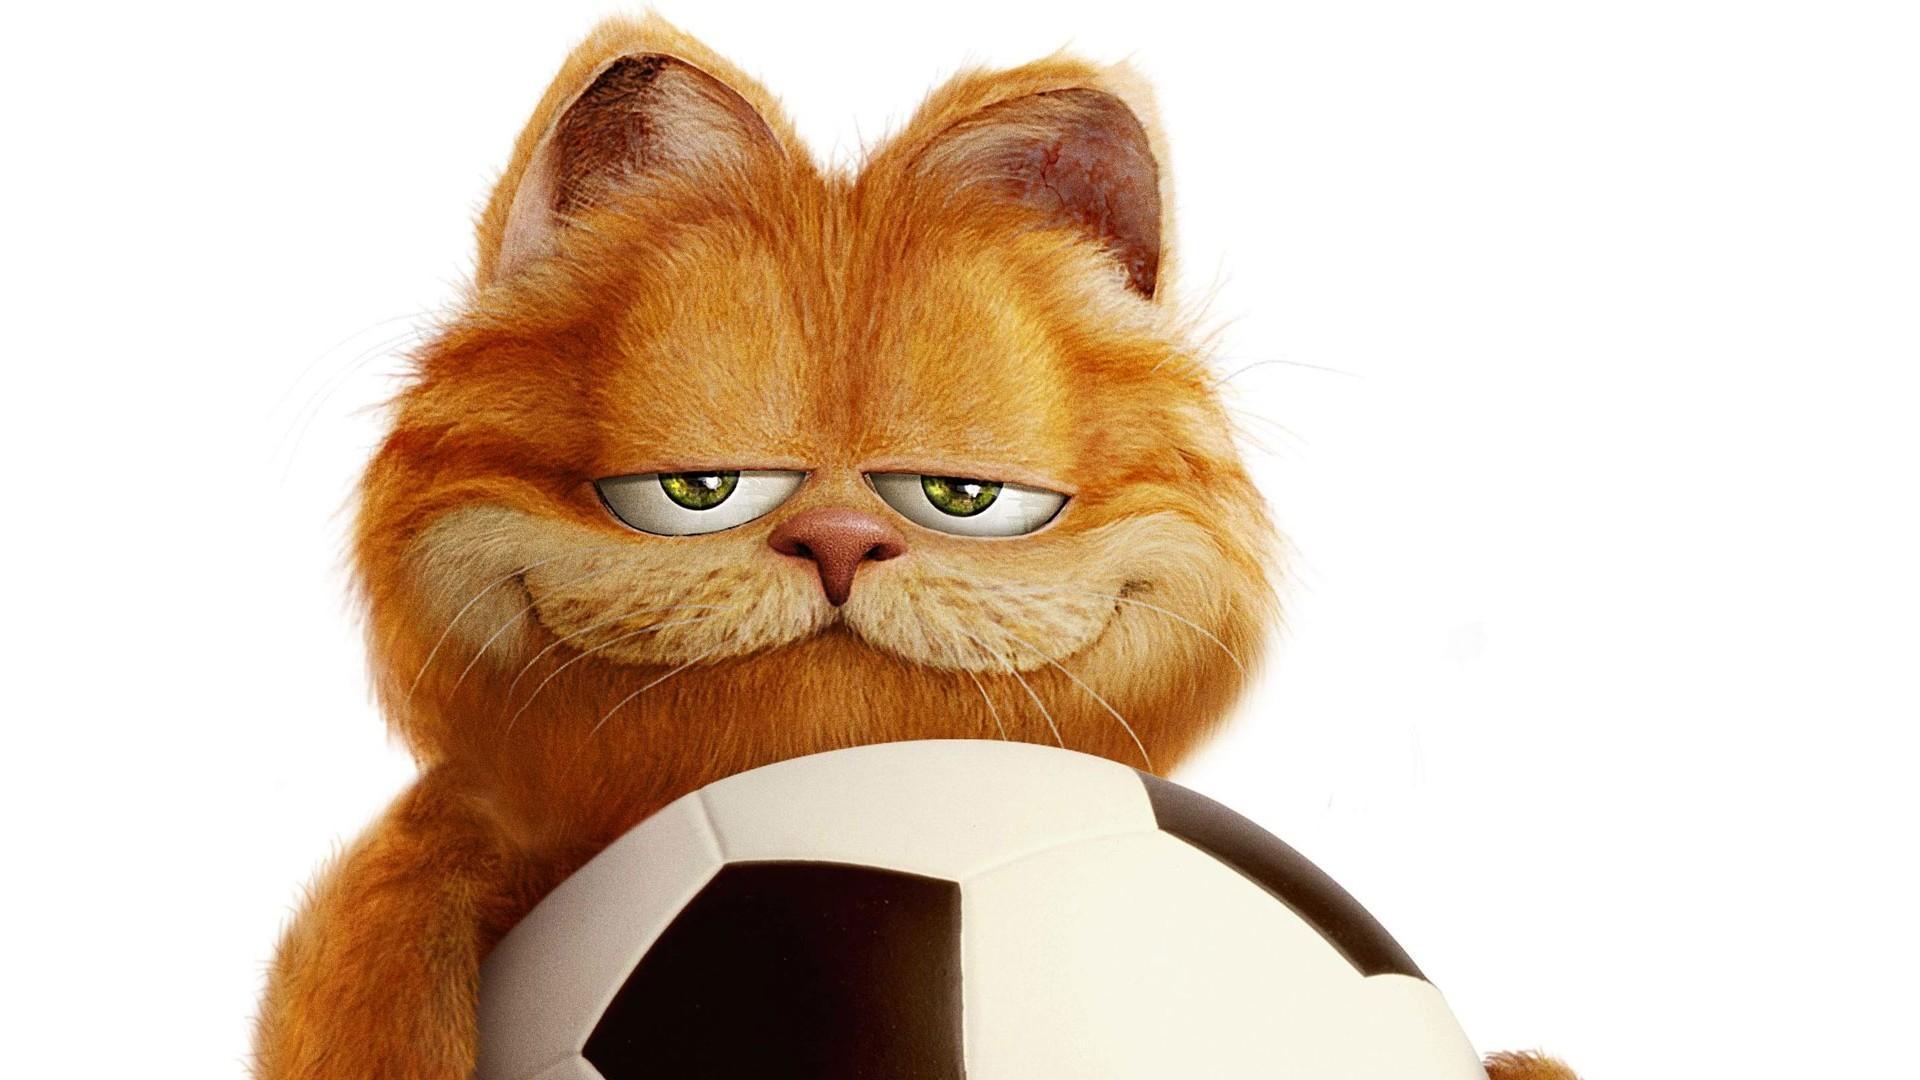 九部高分猫咪电影,不喜欢吸猫的编剧不好导演